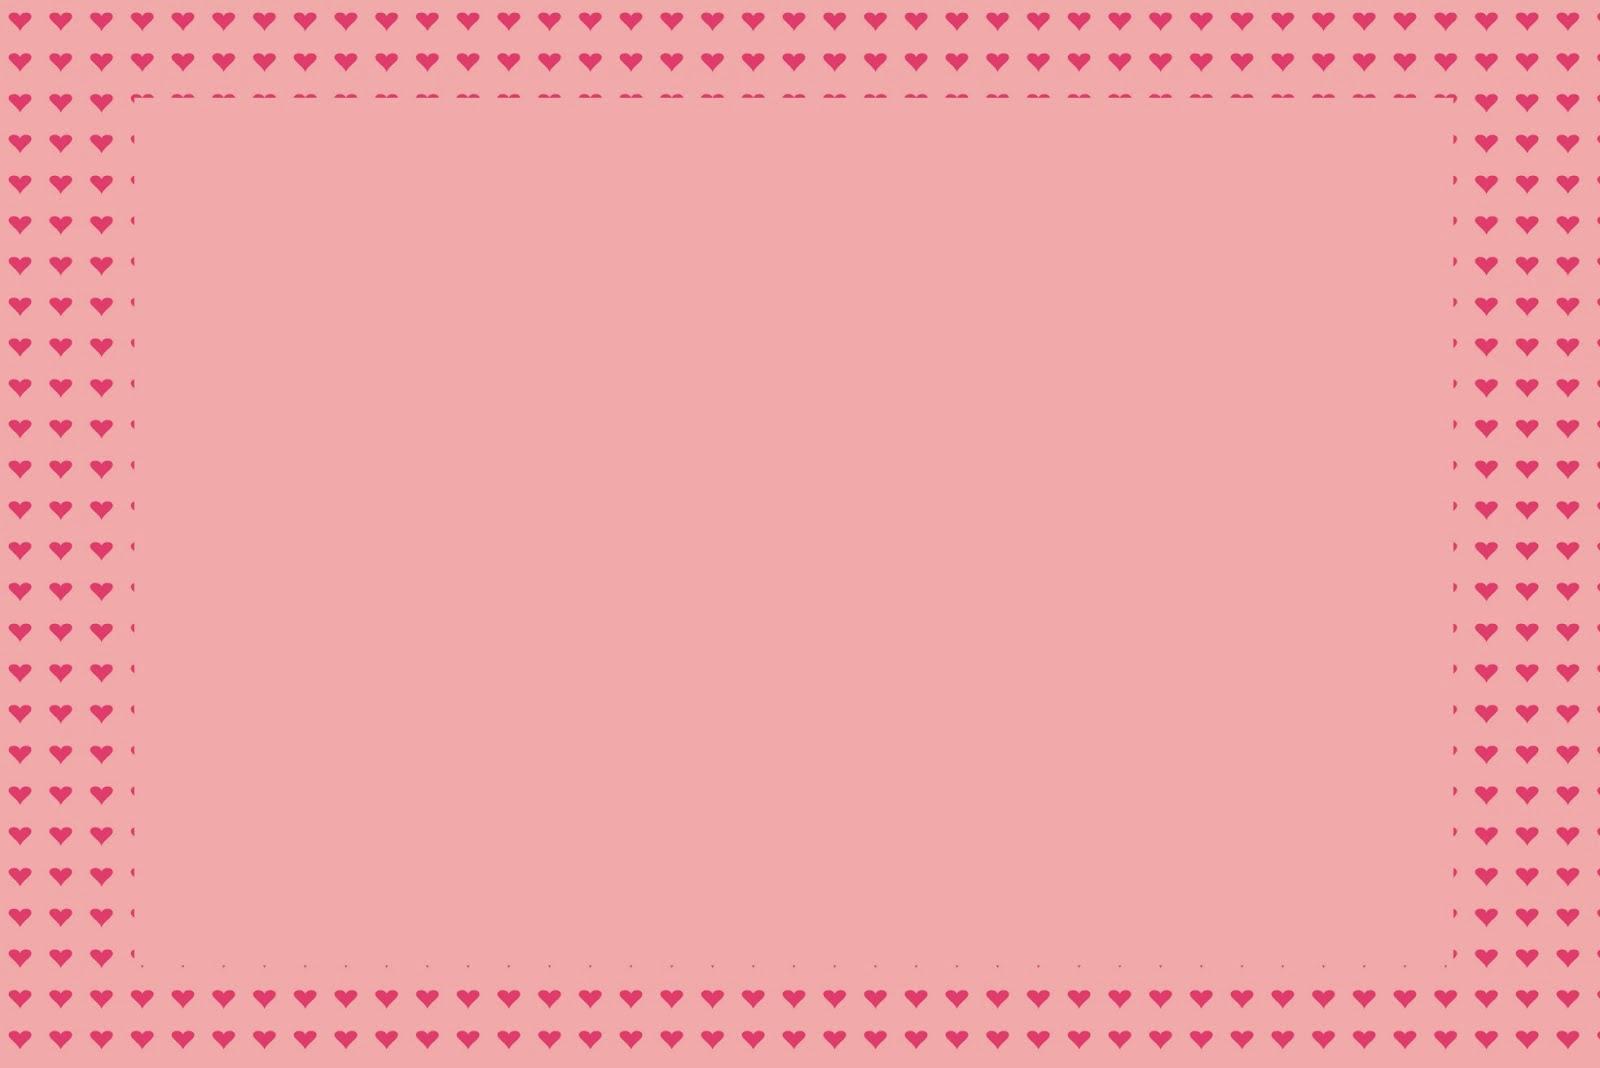 Corazones En Marrón Y Rosa: Invitaciones Para Imprimir